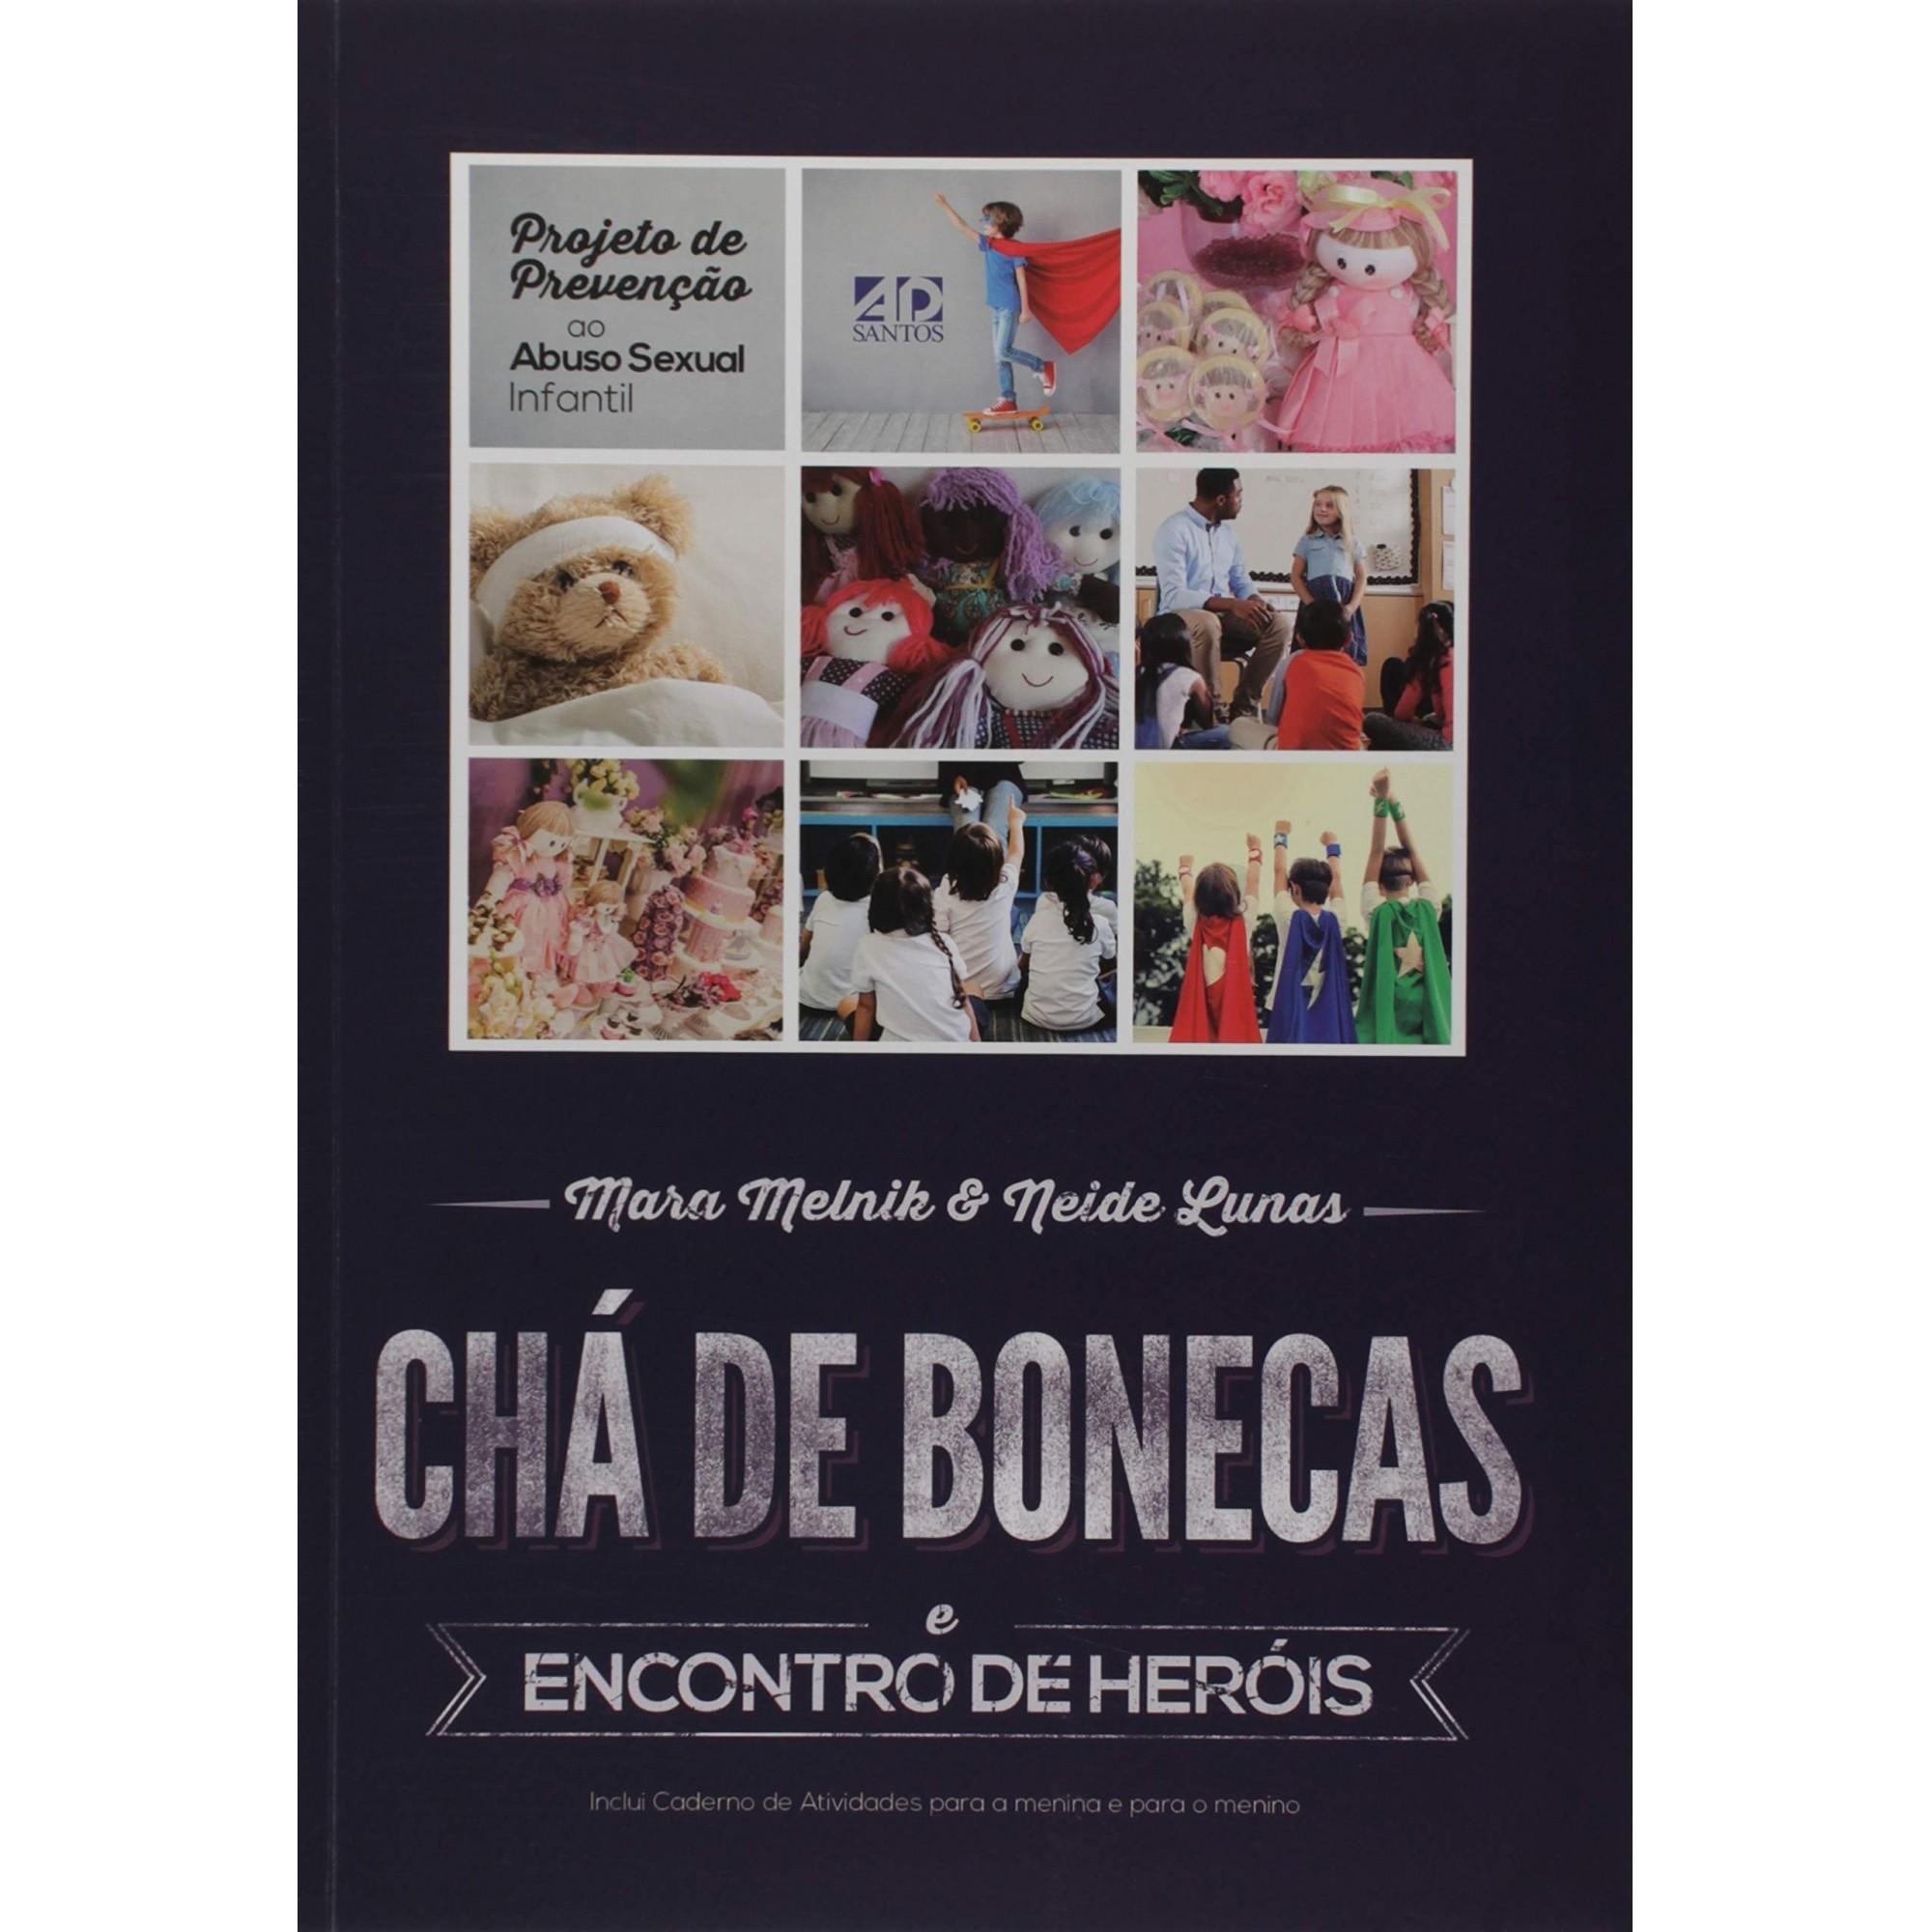 Livro Chá de Bonecas e Encontro de Heróis